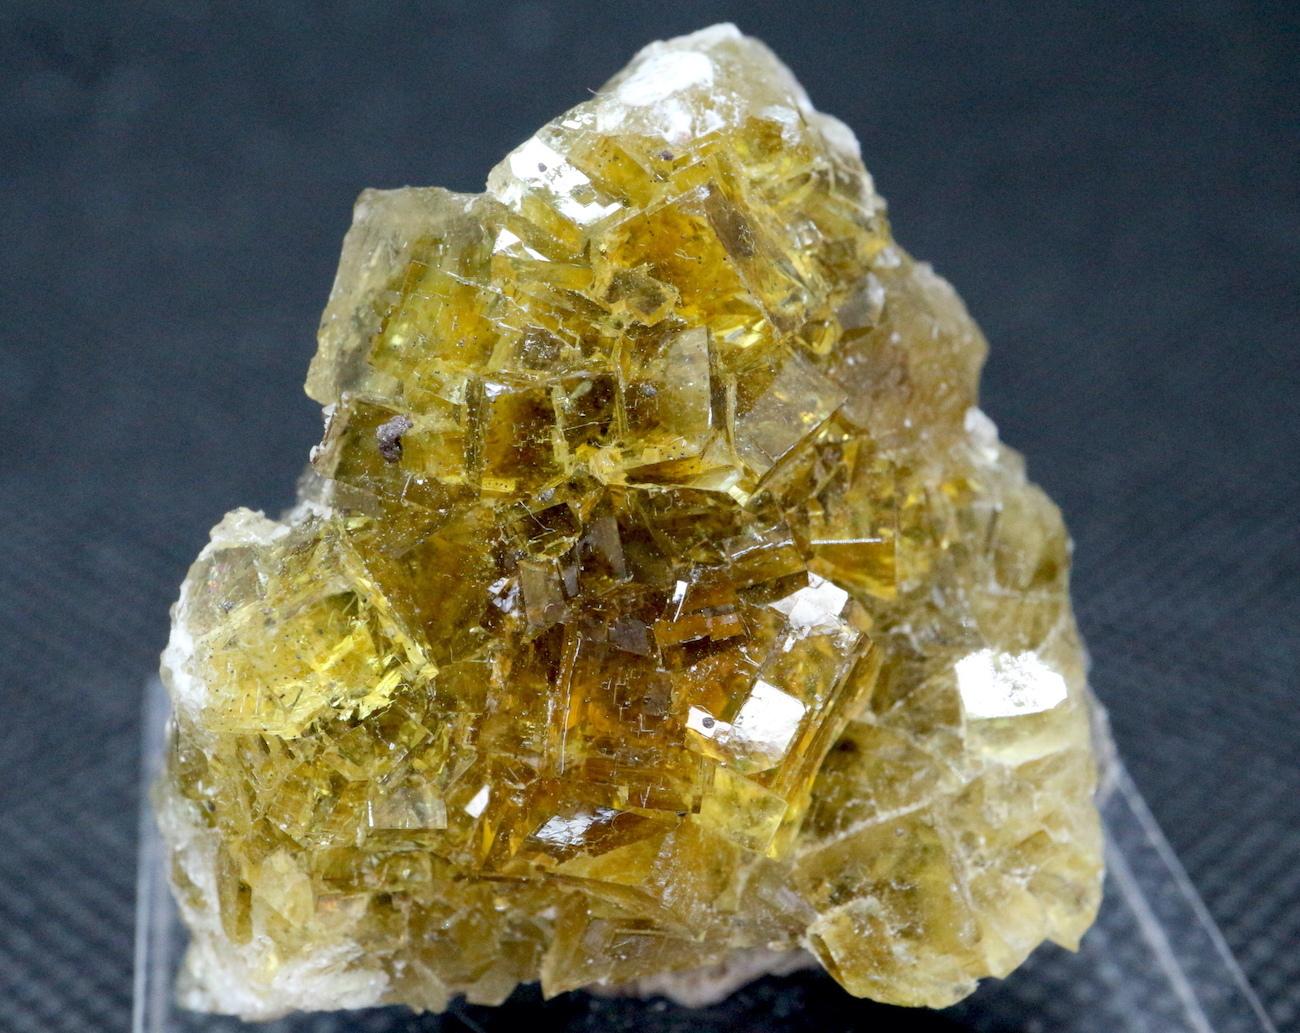 虹が見える!スペイン産 フローライト 蛍石 原石 34,4g  FL031 鉱物 天然石 パワーストーン